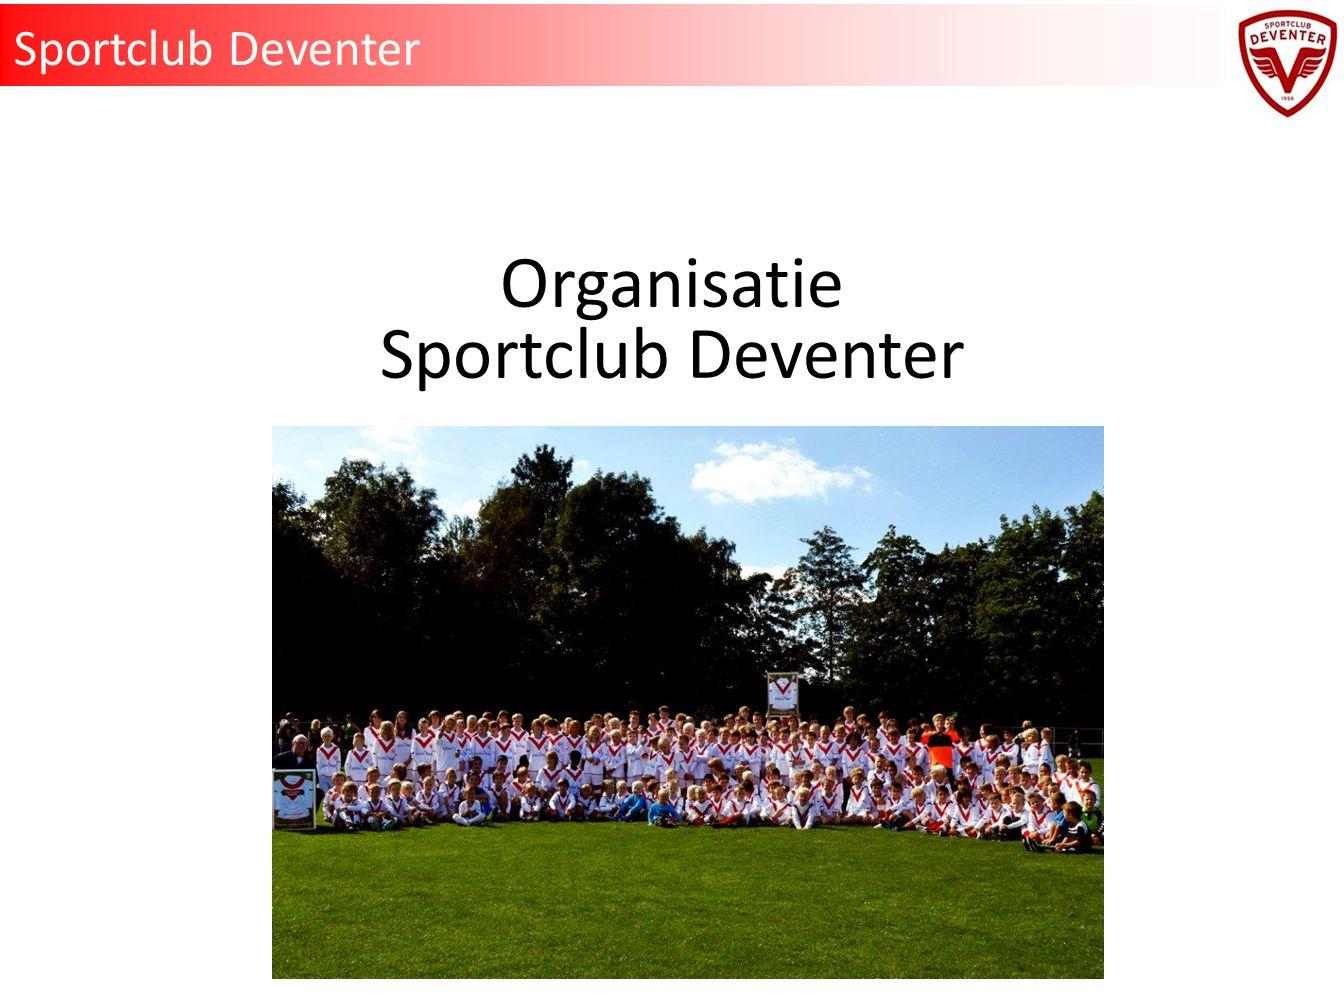 Sportclub Deventer Organisatie Sportclub Deventer